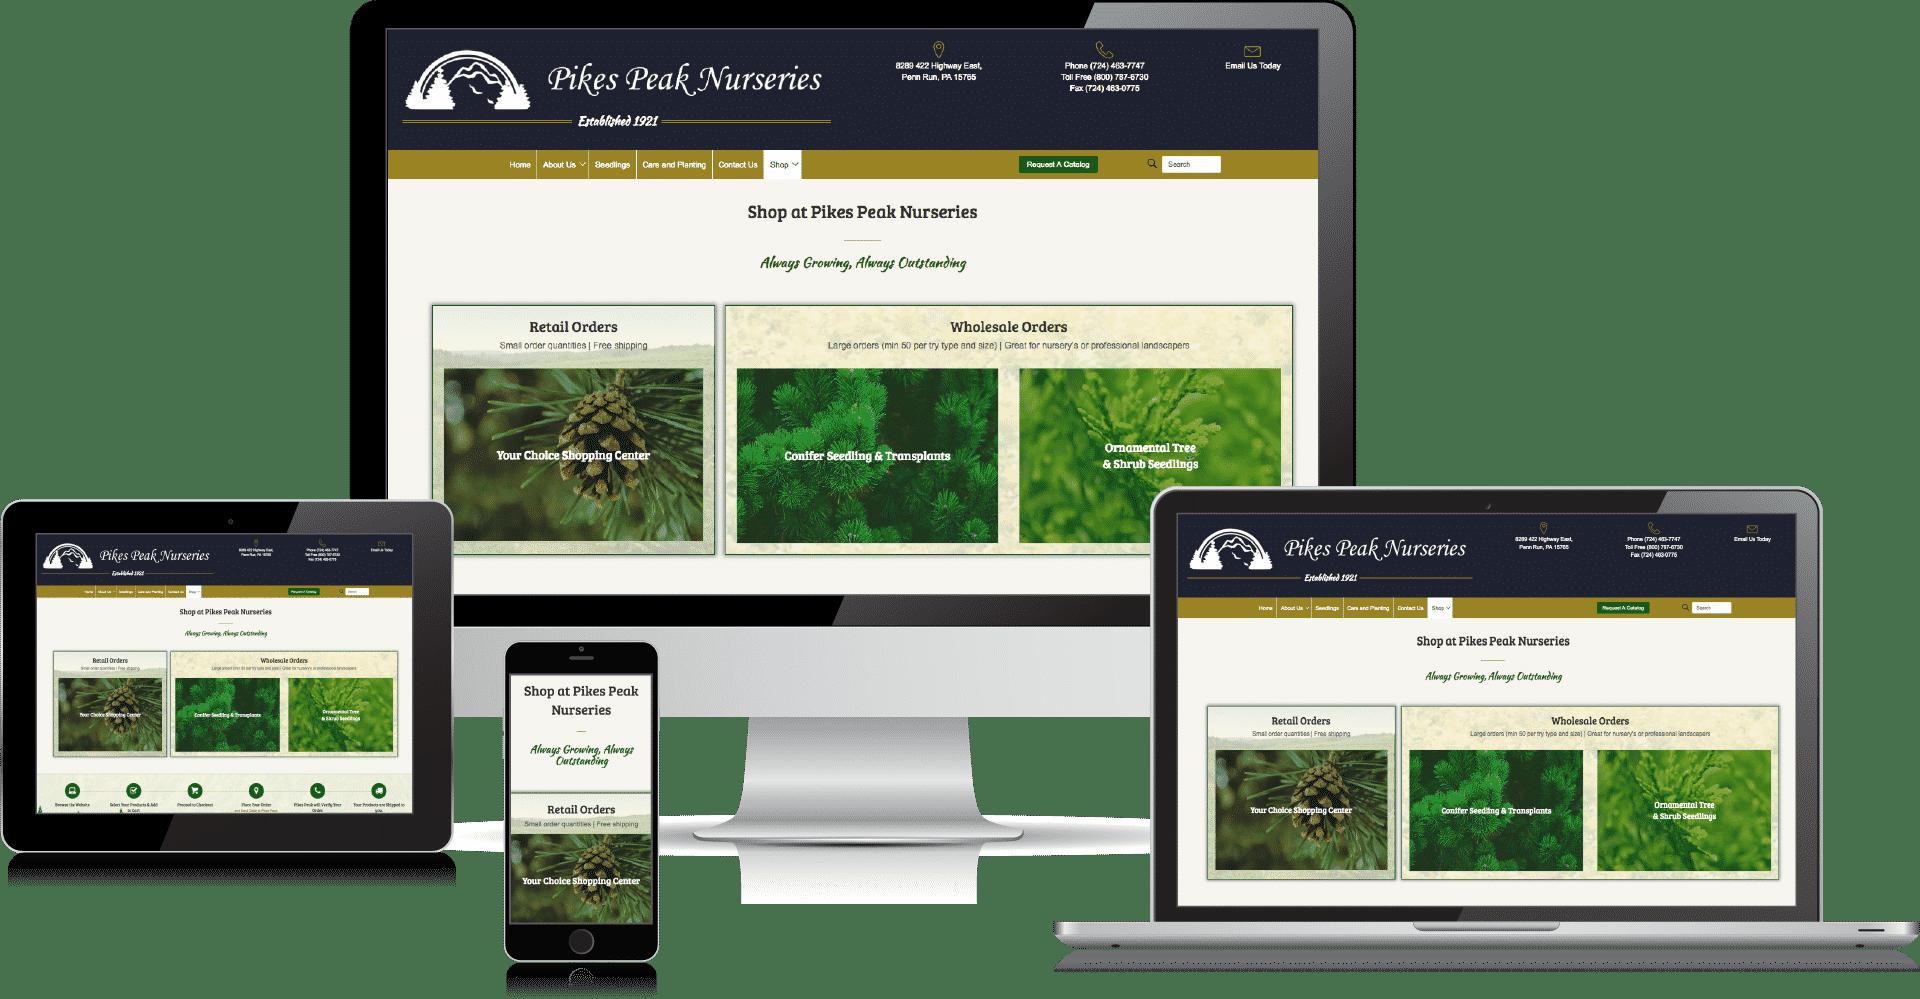 pikes peak nurseries website